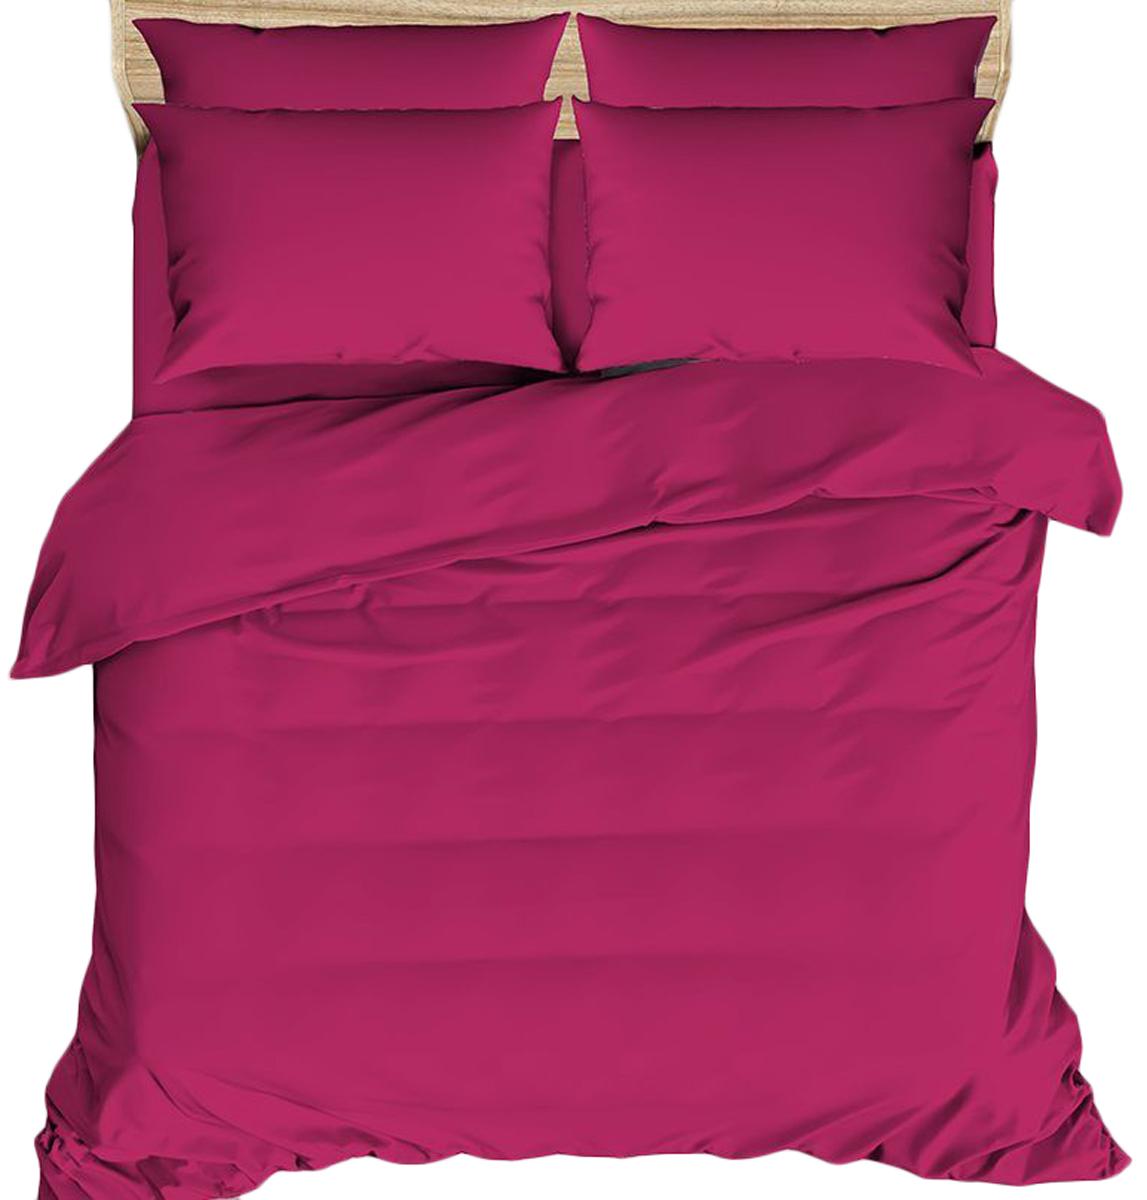 Комплект постельного белья Василиса Будто случайно, 2-спальный, наволочки 70x70;50x70. 163541163541Комплекты постельного белья Василиса коллекции Люкс (из сатина, 100% хлопок) - это российский продукт высочайшего качества ткани, с полноценной евро-простыней и дизайнерскими расцветками.Бесшовное.Ткань очень приятна на ощупь, блестящая и плотная.Сатиновое постельное белье долговечно и выдерживает большое число стирок.Не пилингуется.Способ застегивания наволочки - клапан, пододеяльника - отверстие без застежки по краю изделия с подвернутым краем.Советы по выбору постельного белья от блогера Ирины Соковых. Статья OZON Гид